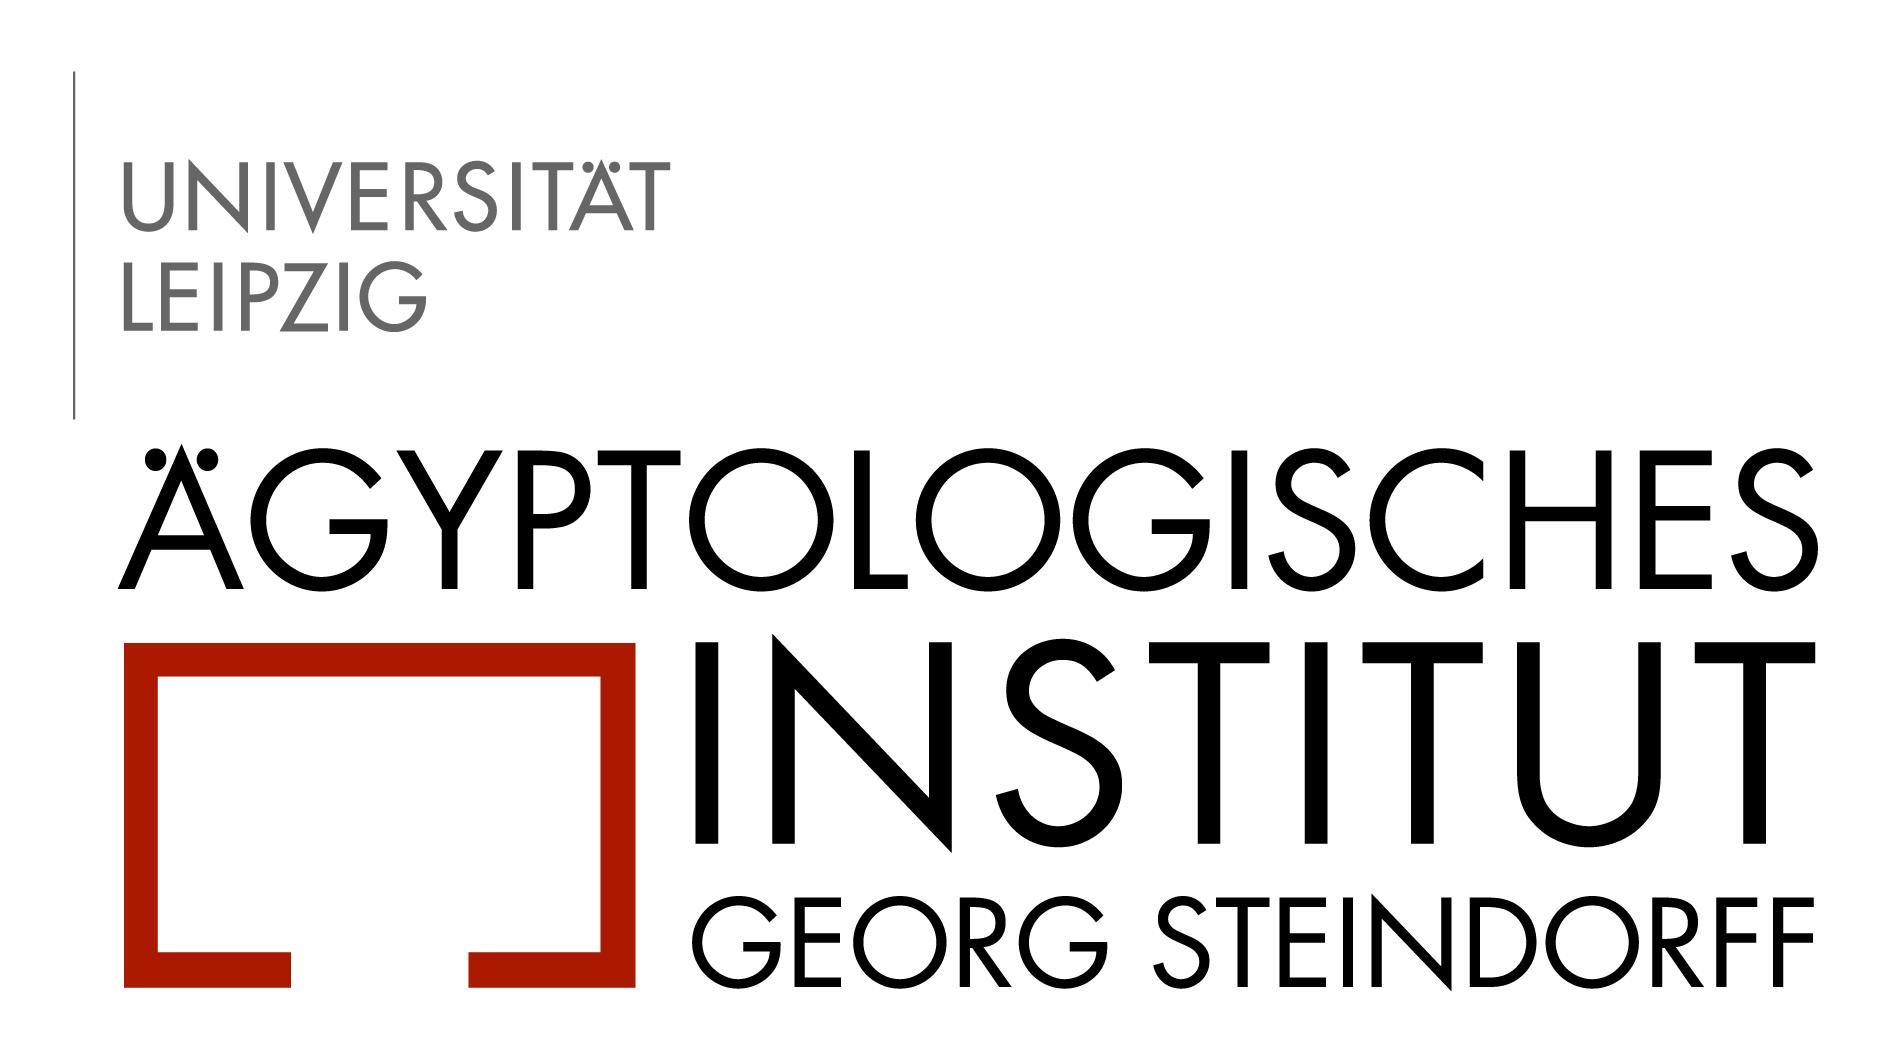 Ägyptologisches Institut/Ägyptisches Museum -GeorgSteindorff- der Universität Leipzig